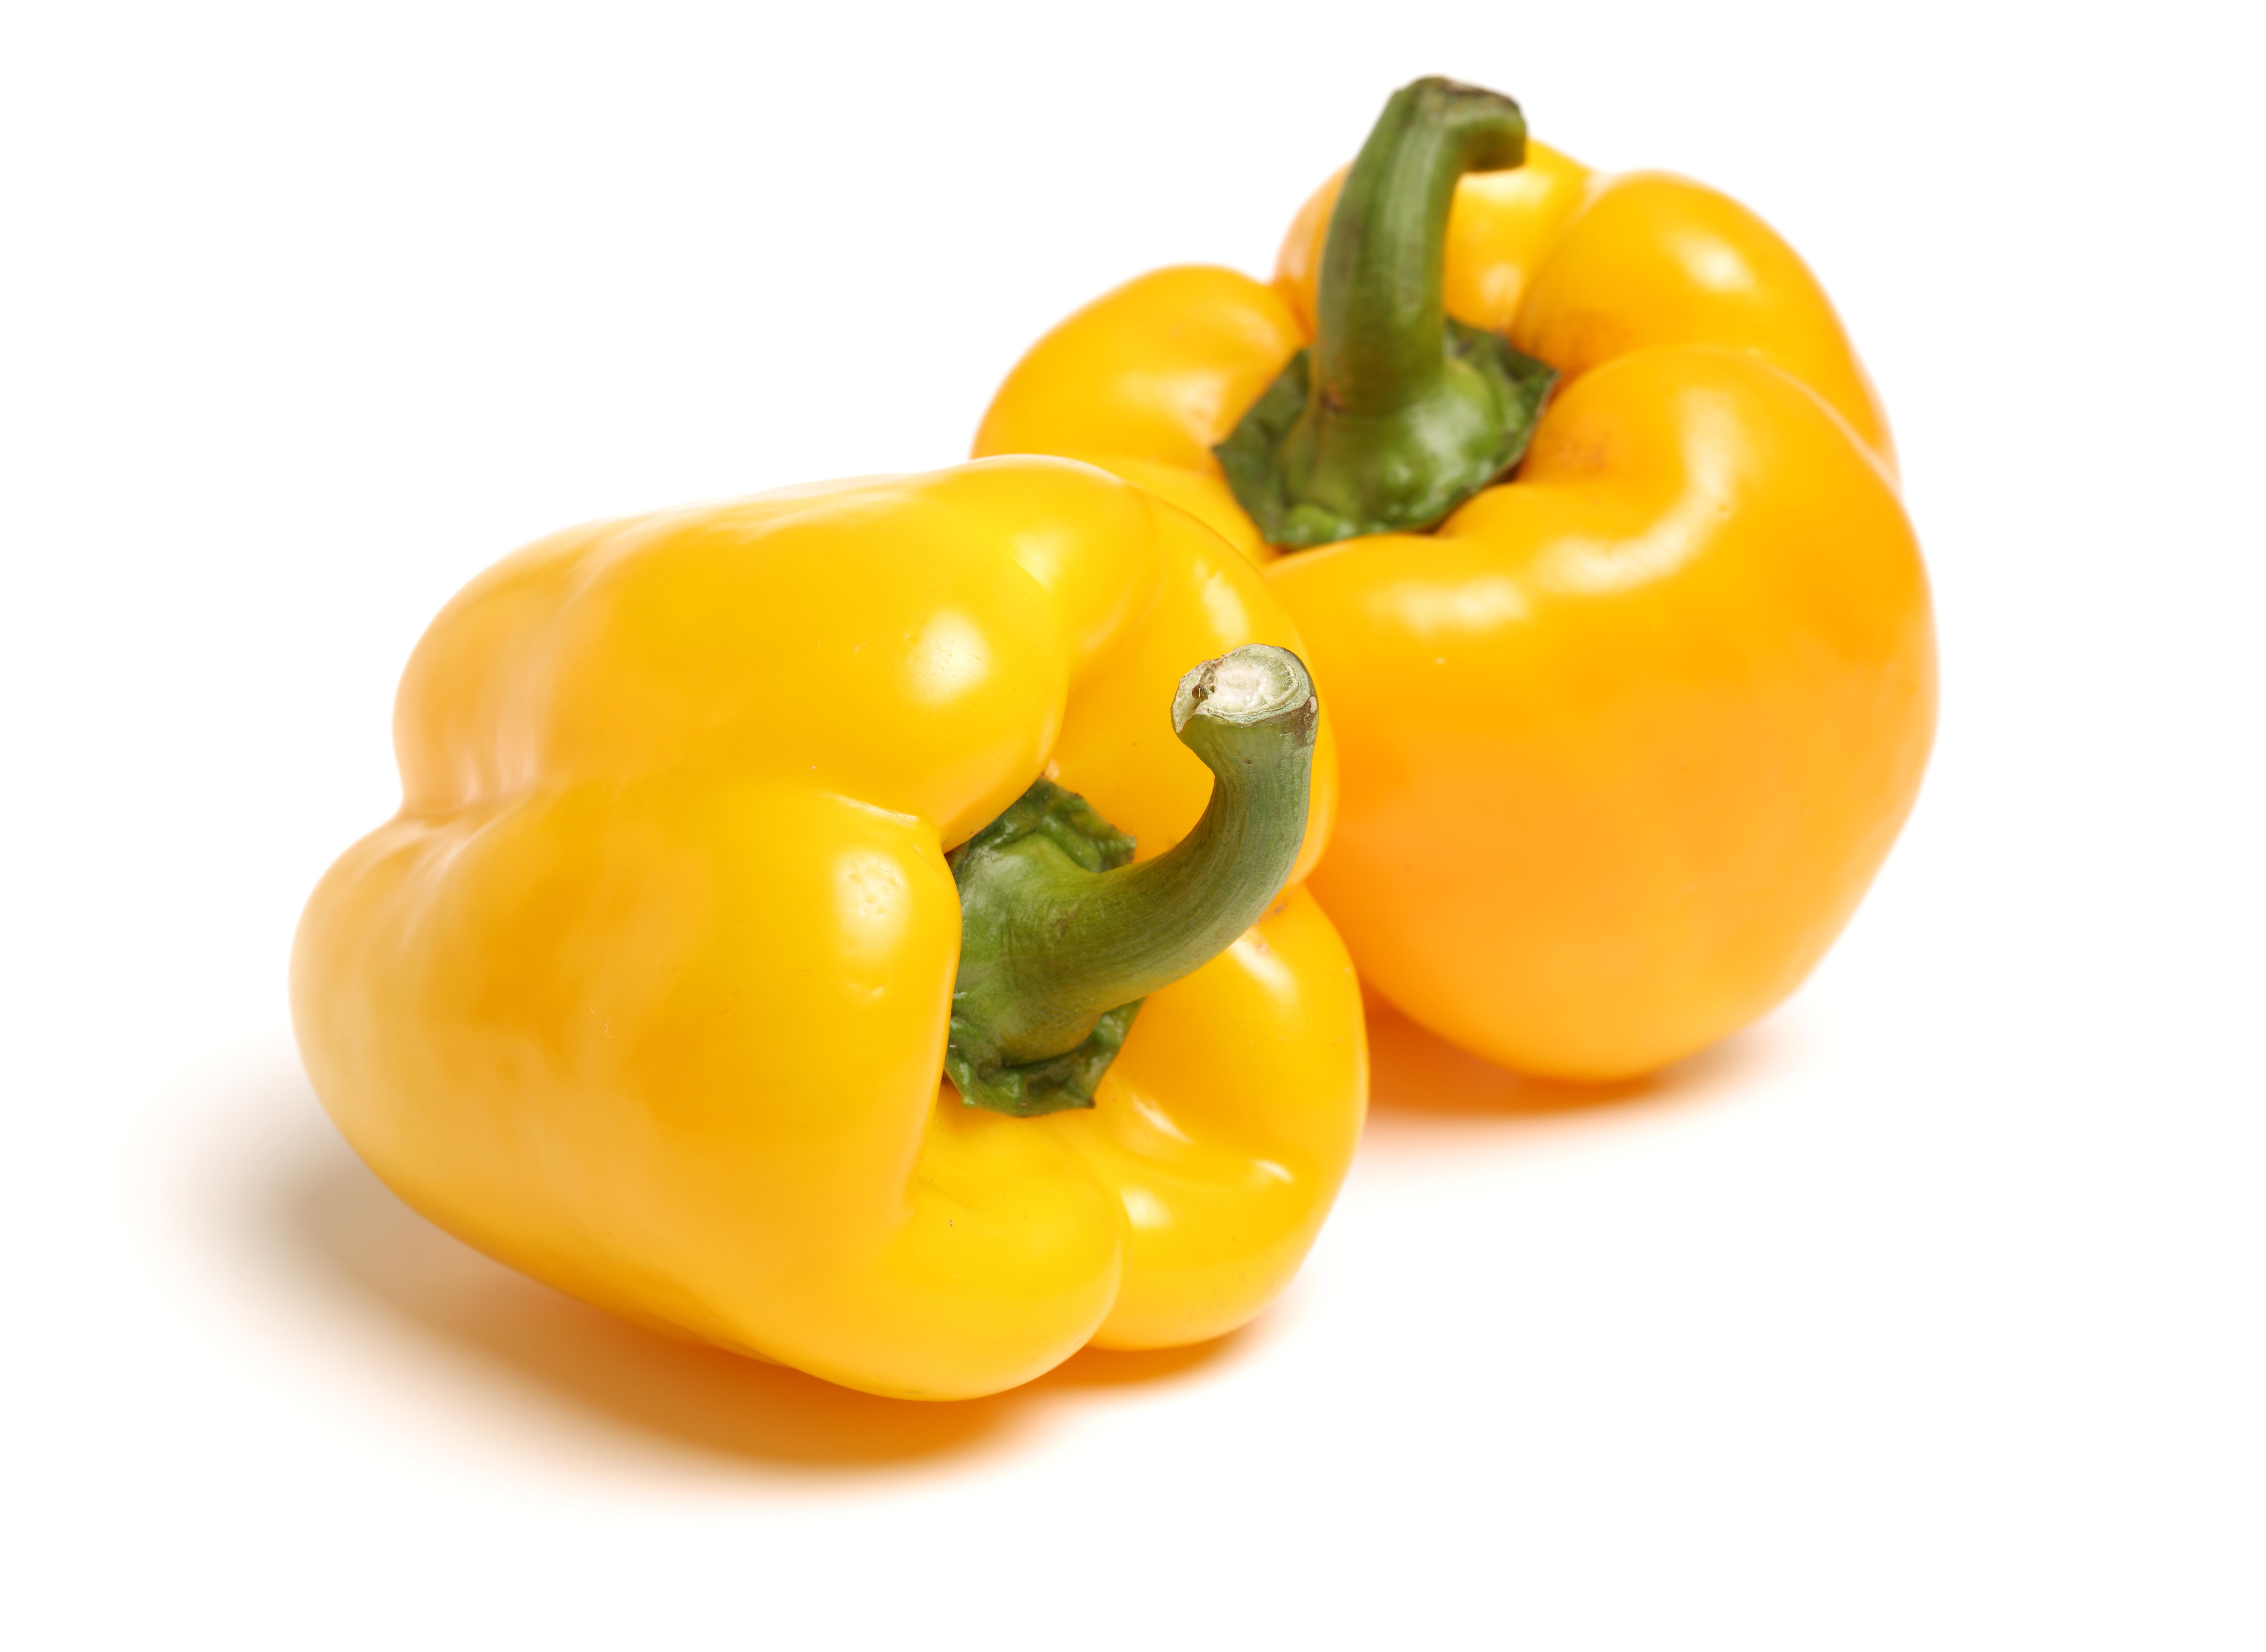 Zwei knackige Früchte des Bio-Paprika 'Beluga Yellow' liegen nebeneinander